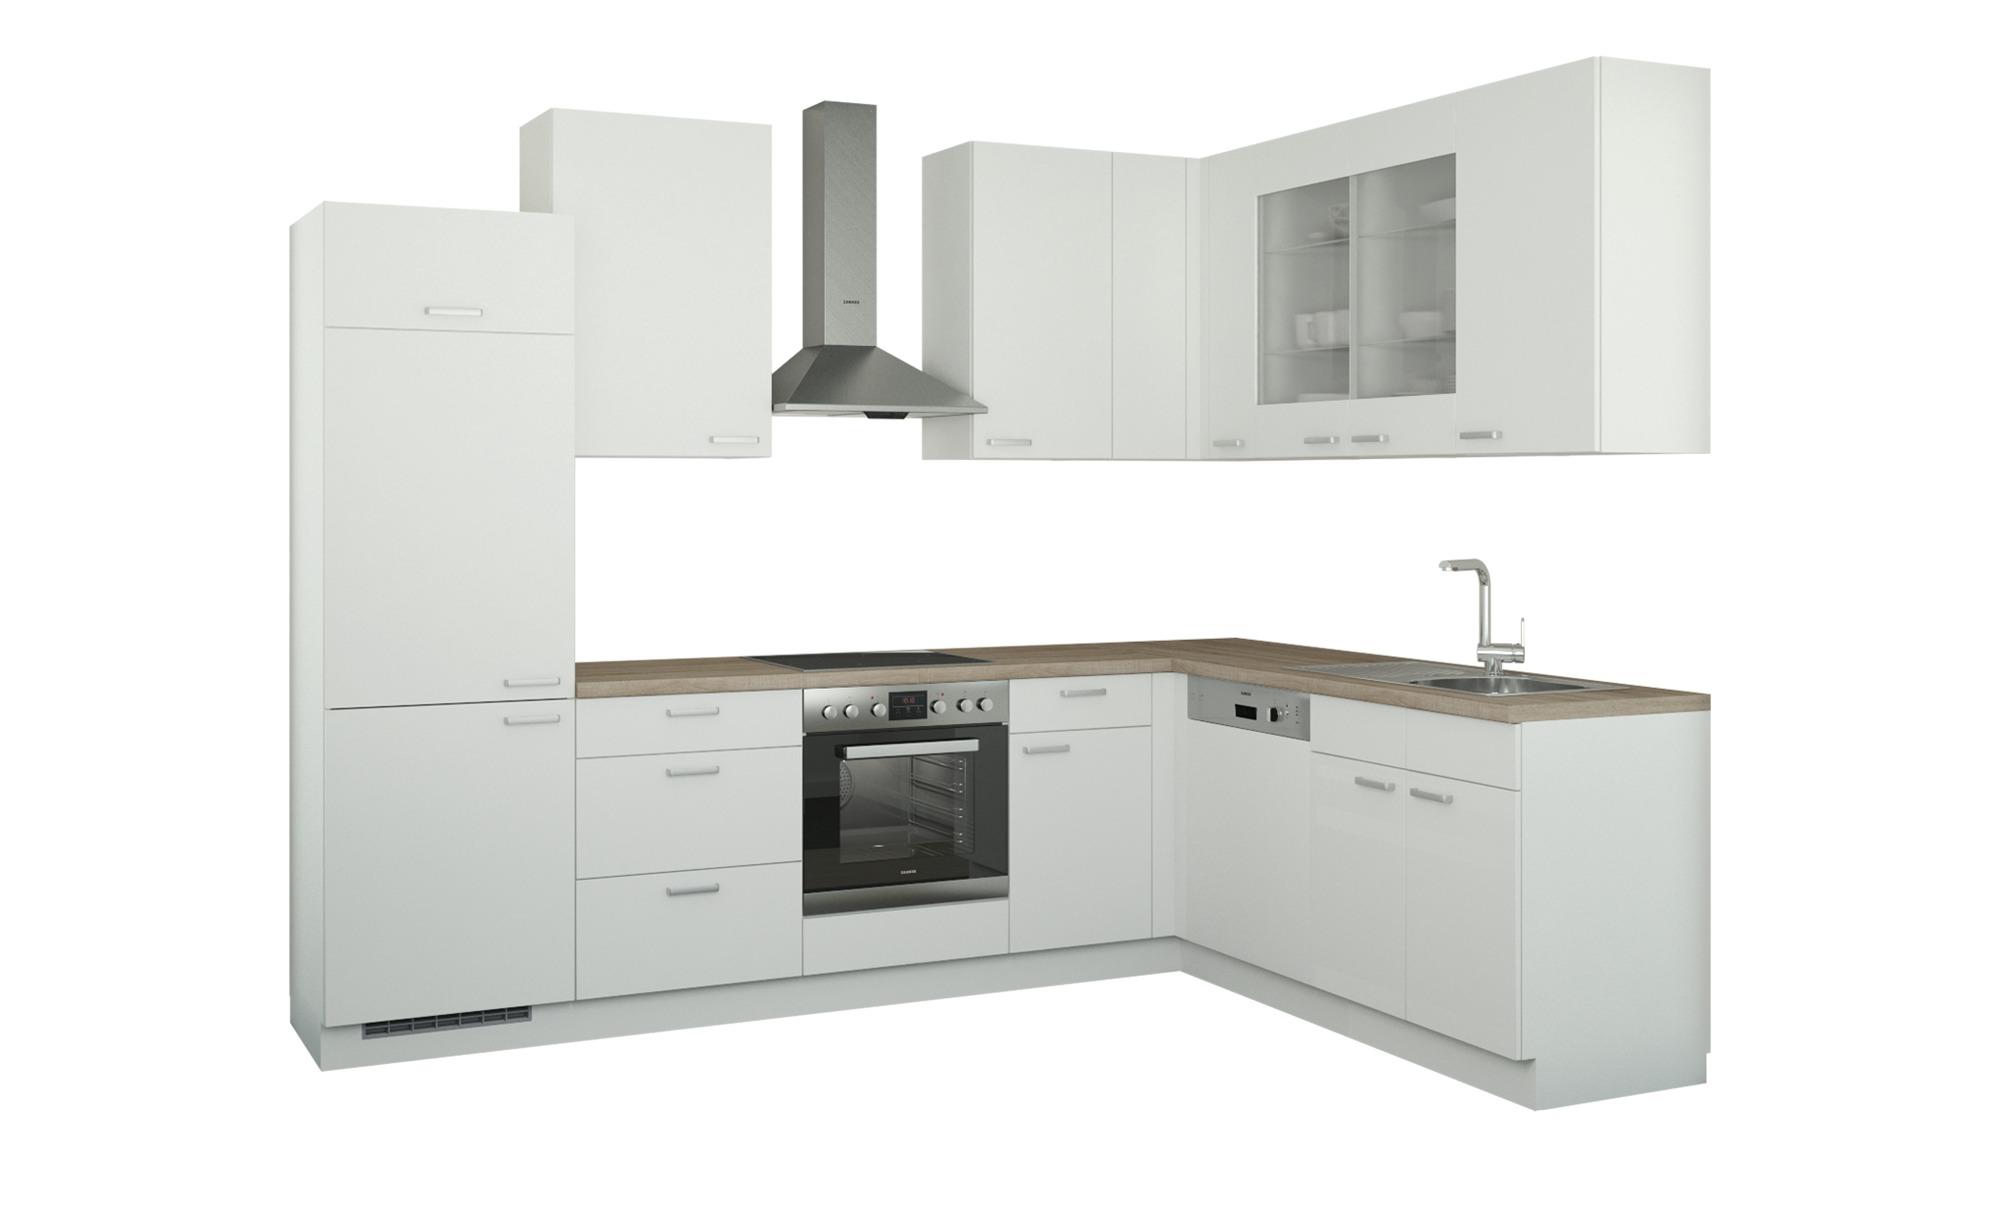 Winkelküche ohne Elektrogeräte  München ¦ weiß Küchen > Küchenblöcke ohne E-Geräte - Höffner | Küche und Esszimmer > Küchen > Winkelküchen | Möbel Höffner DE